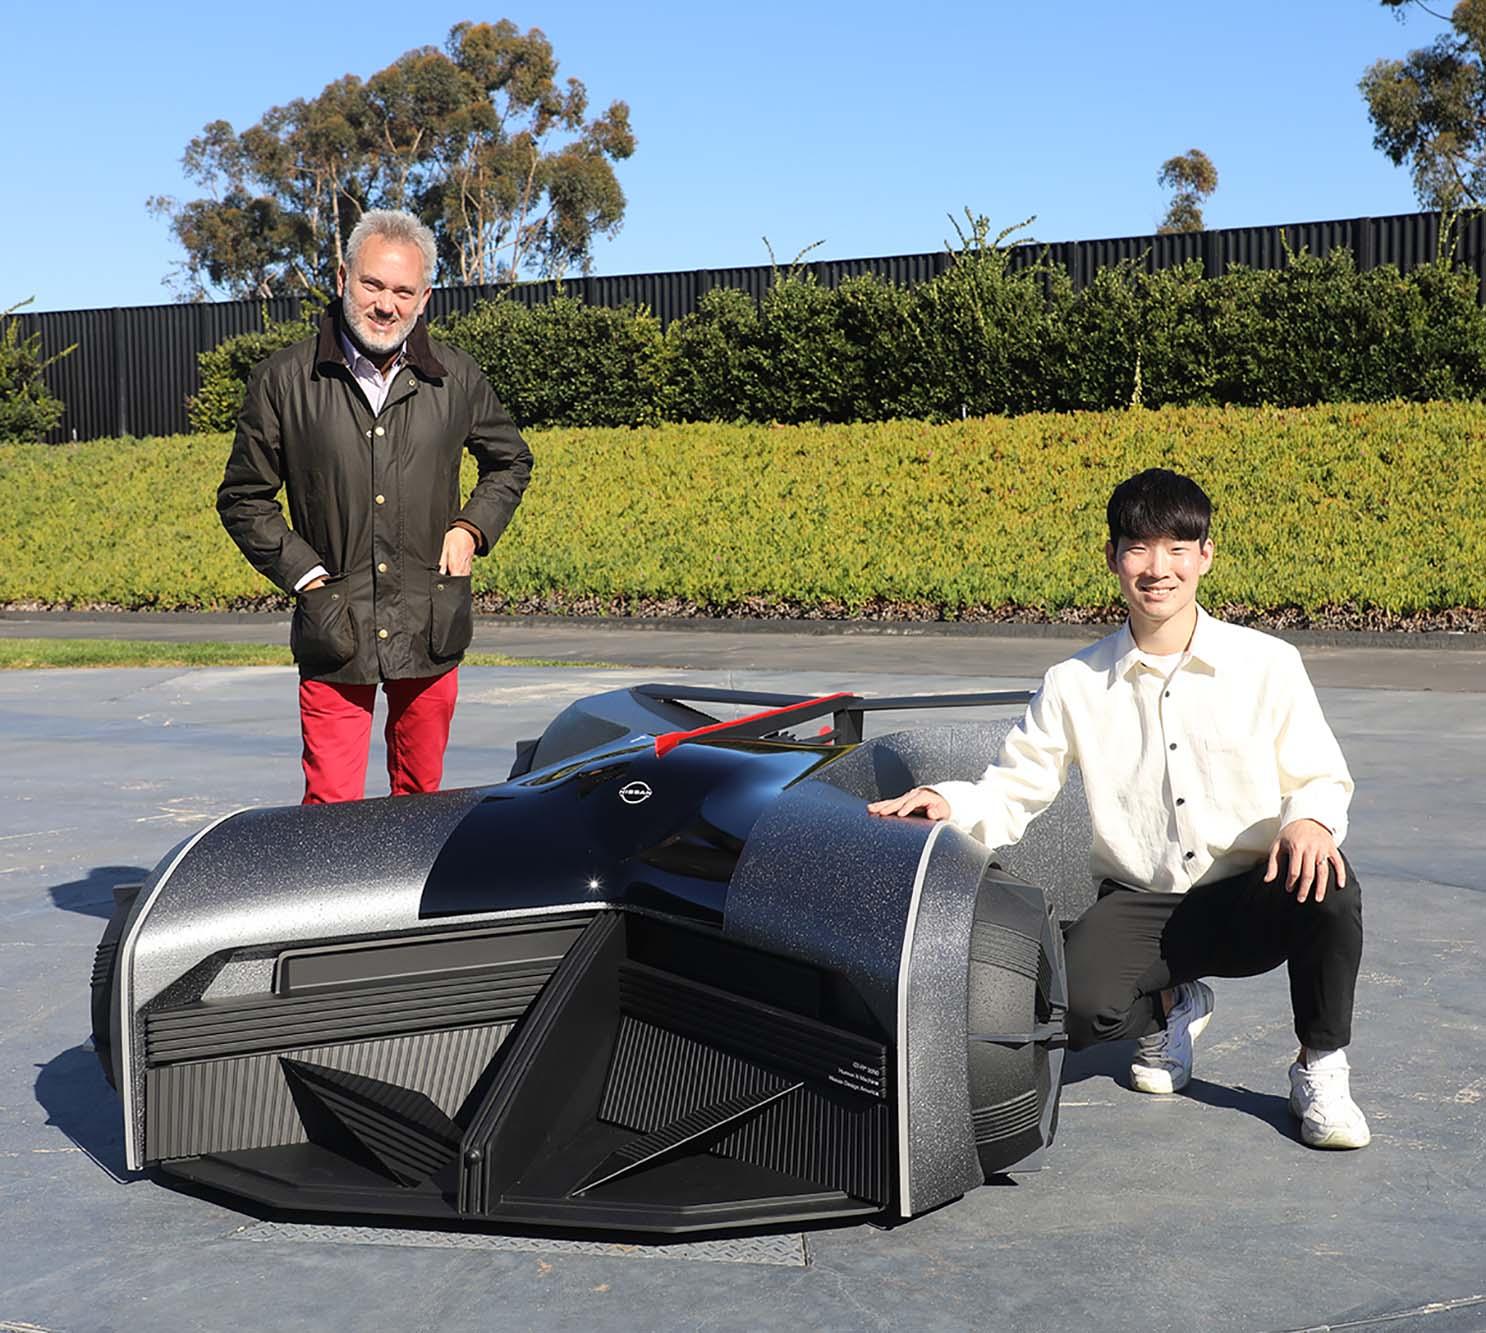 NDA2Bintern2Bproject David JB 16DEC2020 sq GT-R(X) 2050 : Η Nissan Design, ζωντανεύει το όνειρο ενός μελλοντικού σχεδιαστή